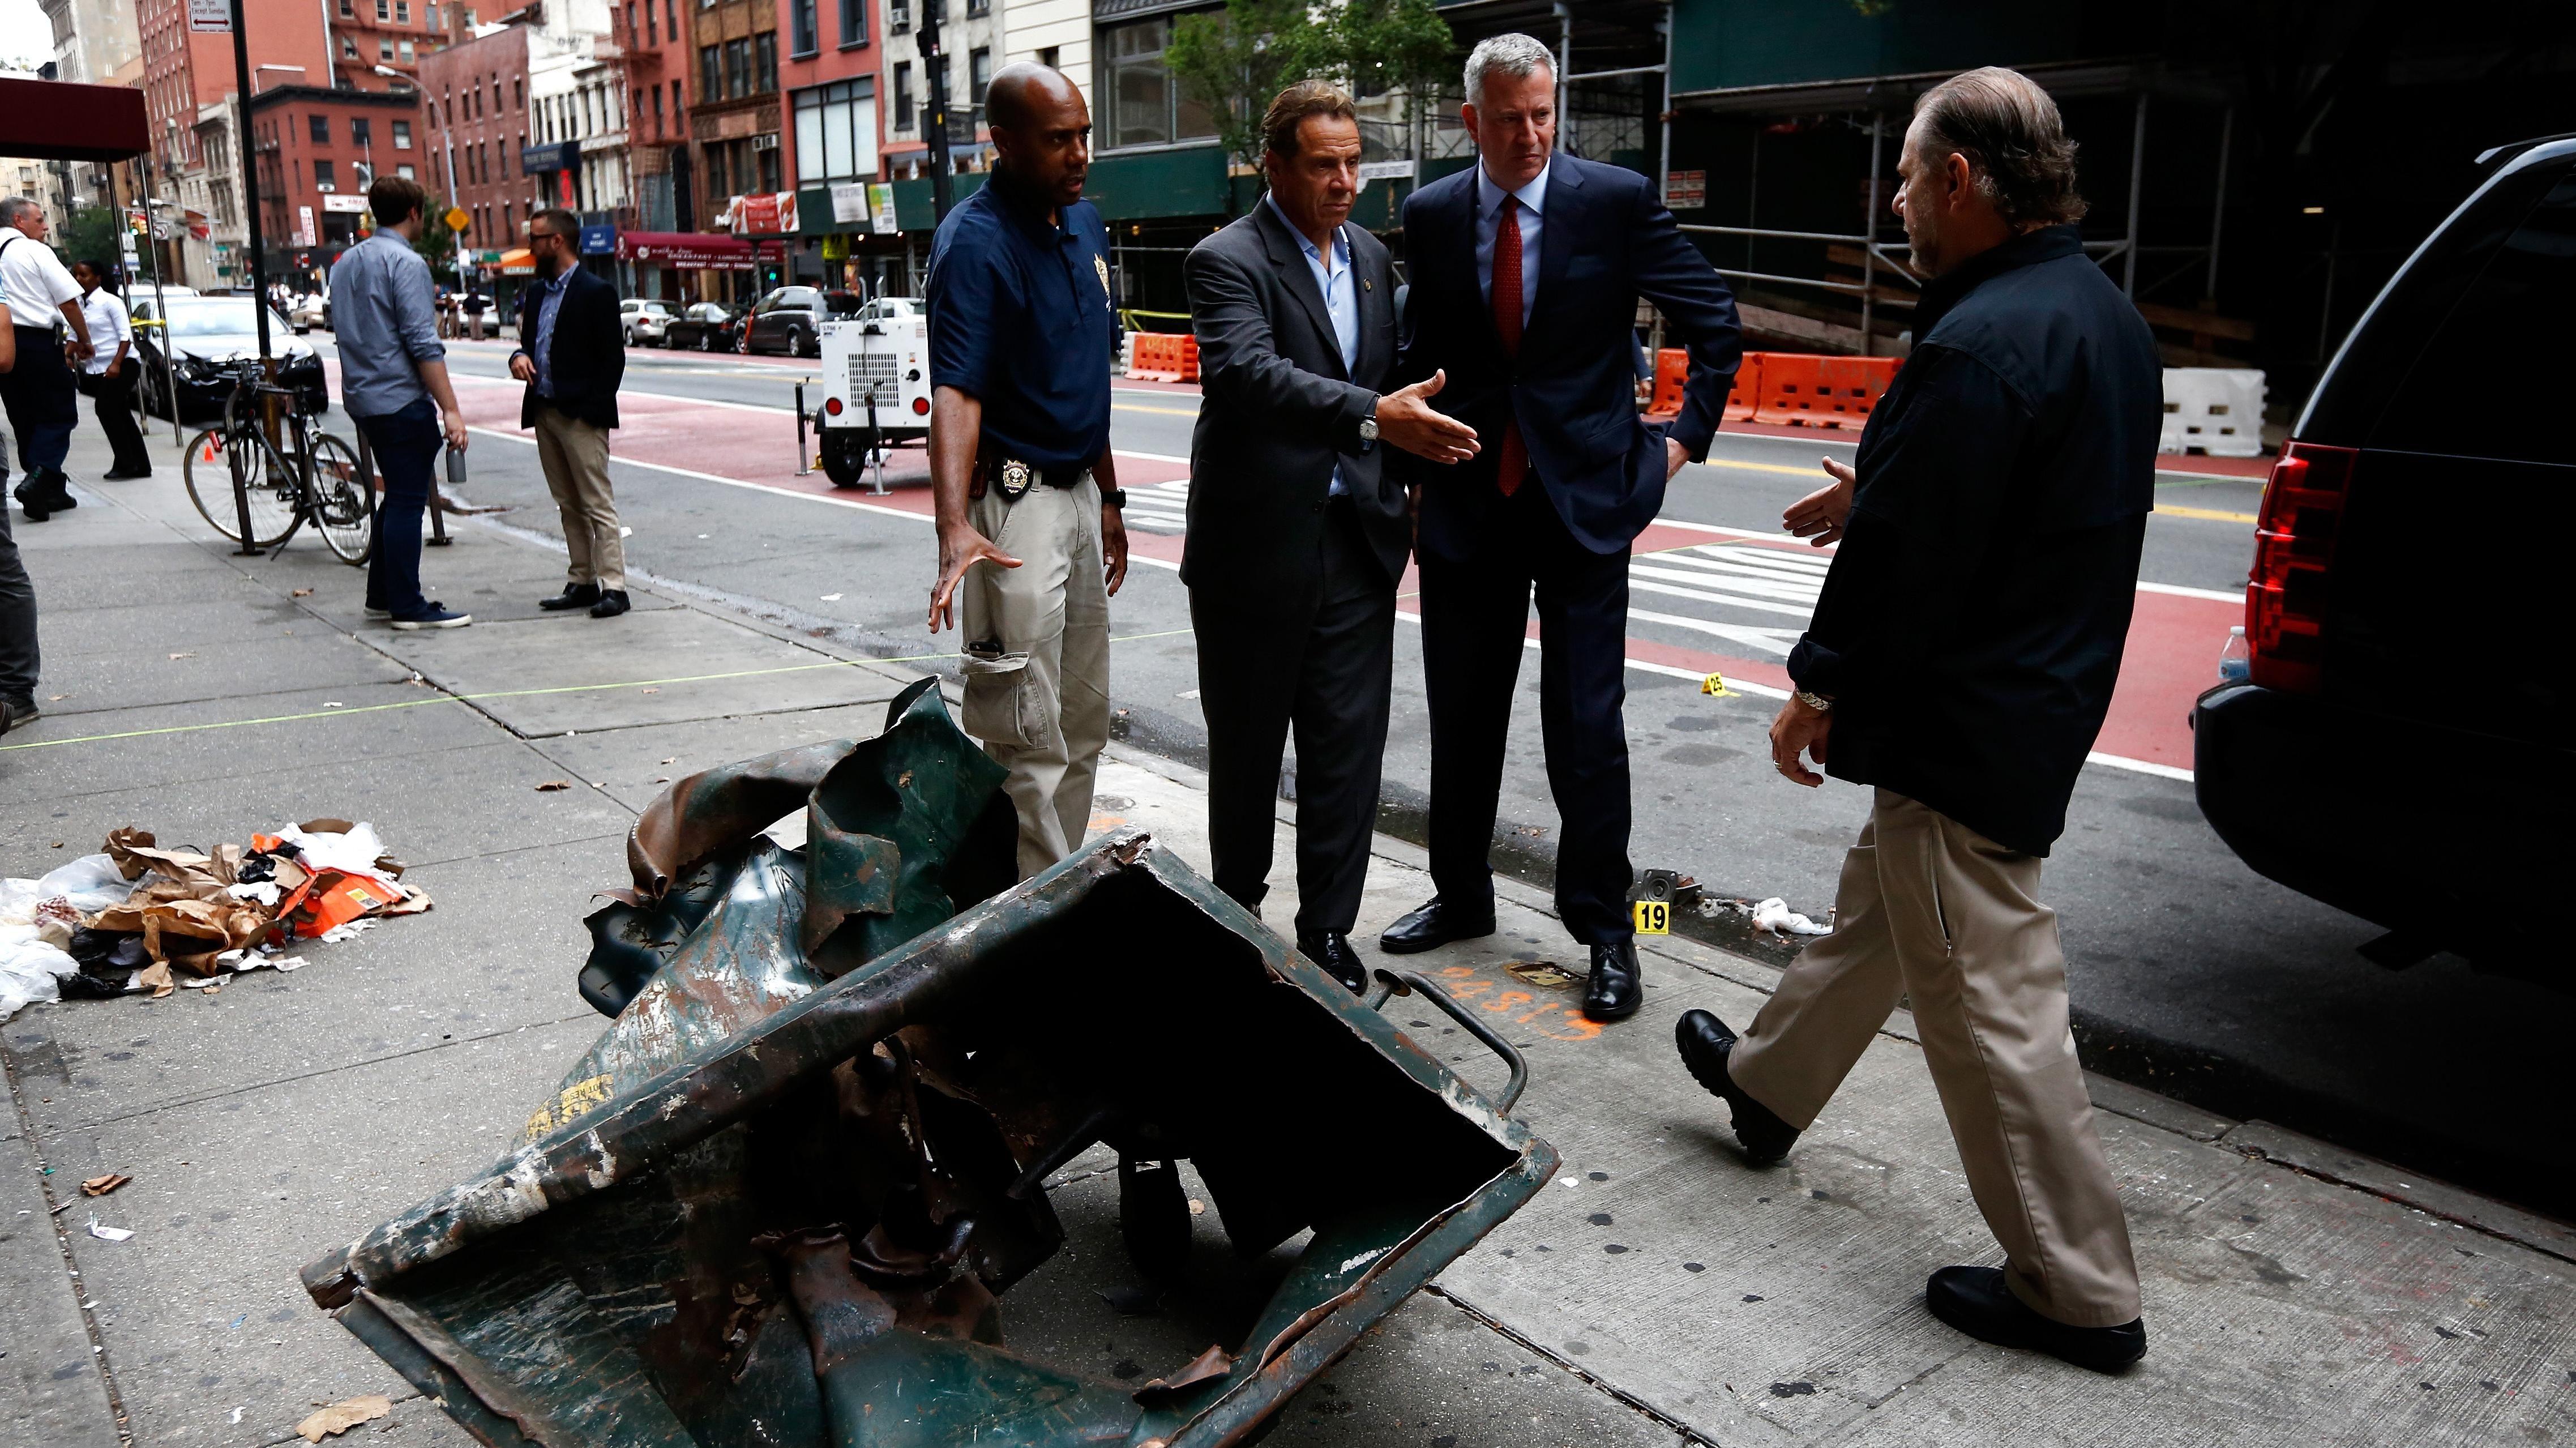 Efter Eksplosion I New York Efterlyst Mand Er Fanget Nyheder